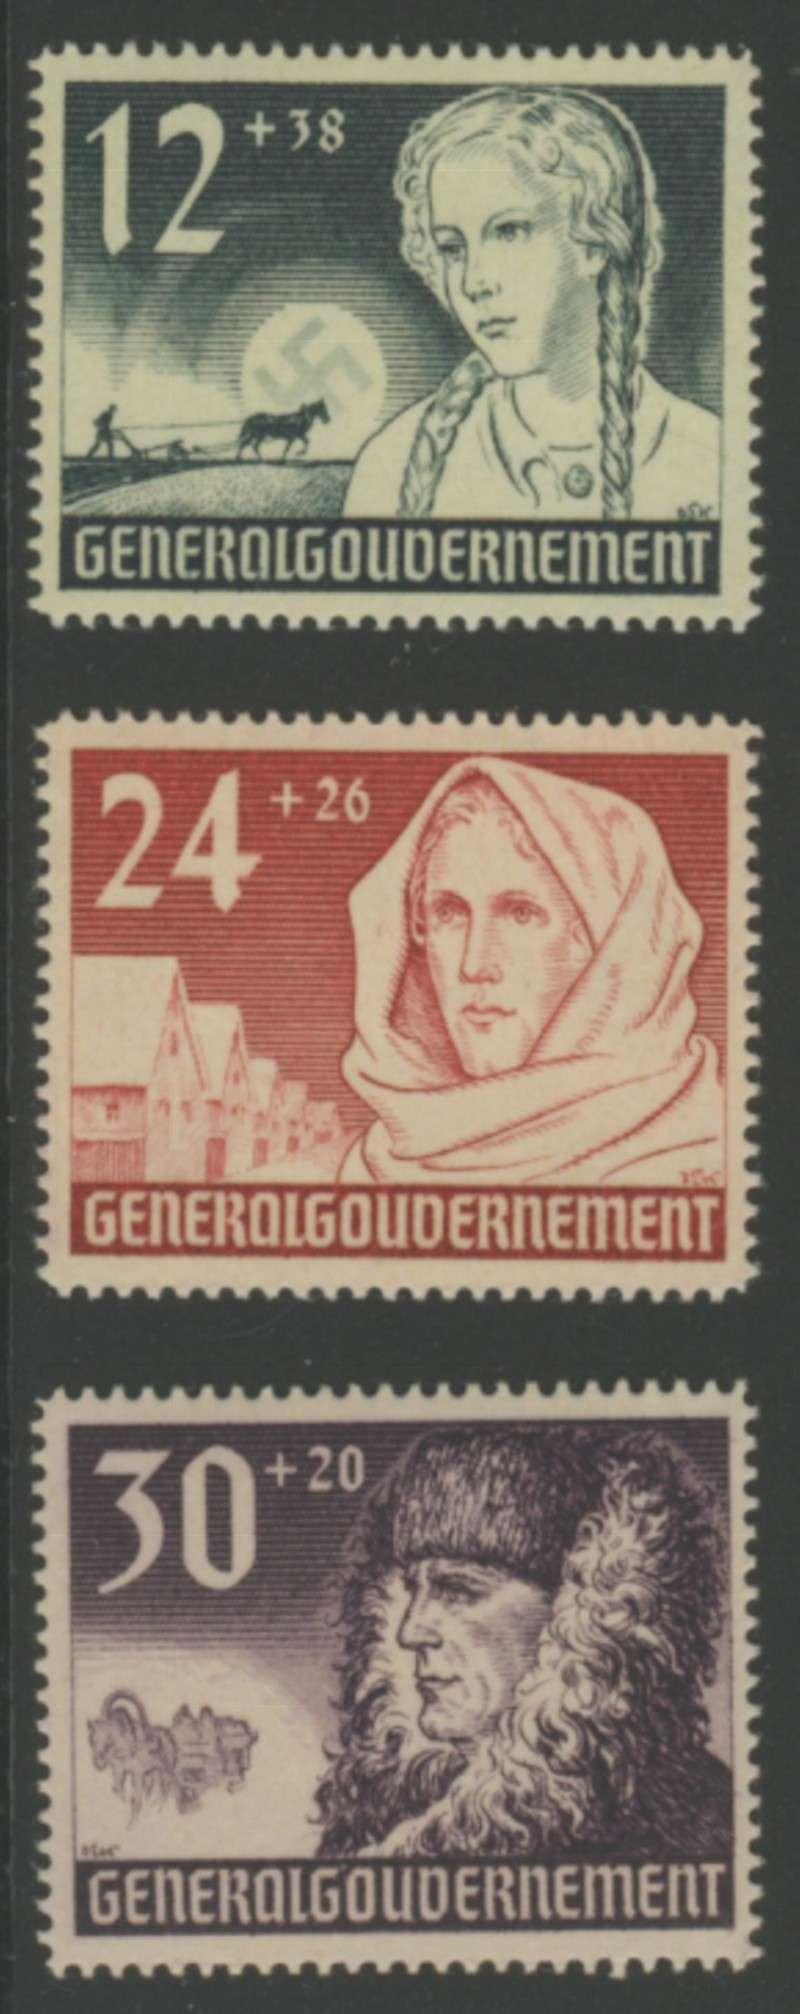 Deutsche Besetzungsausgaben im II. Weltkrieg - Seite 2 Genera12